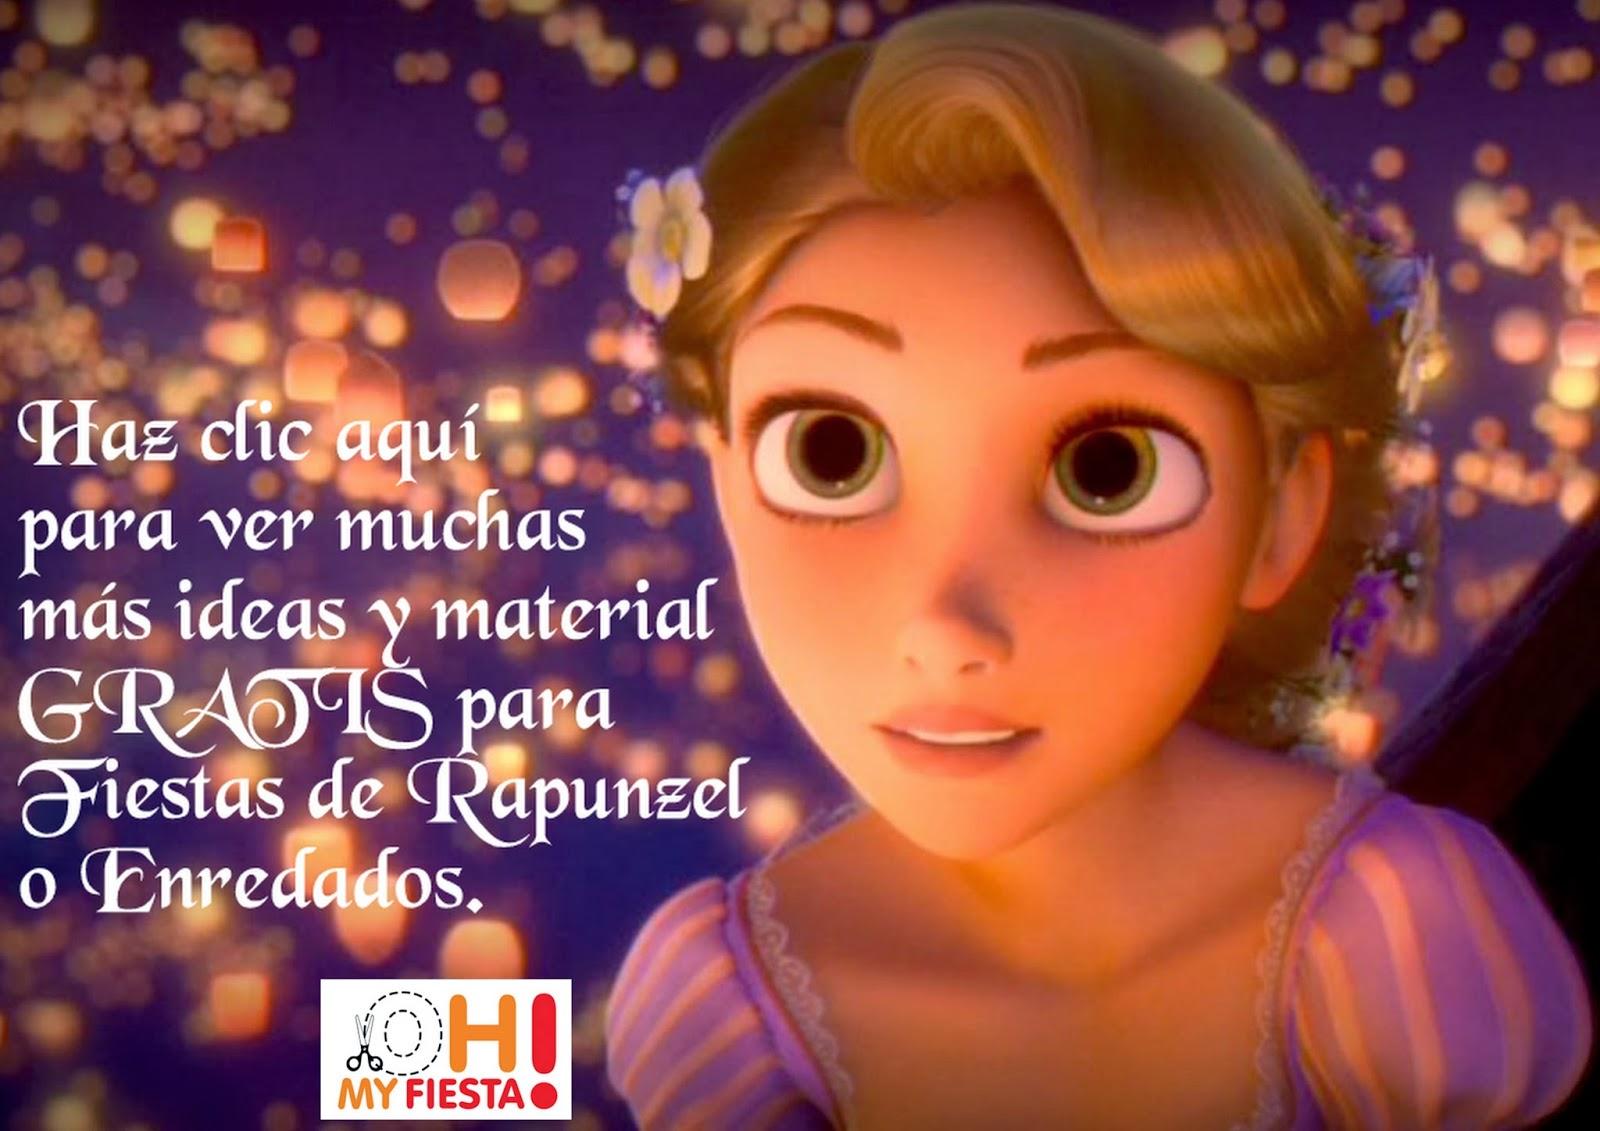 Ideas y material Gratis para Fiestas de Rapunzel.